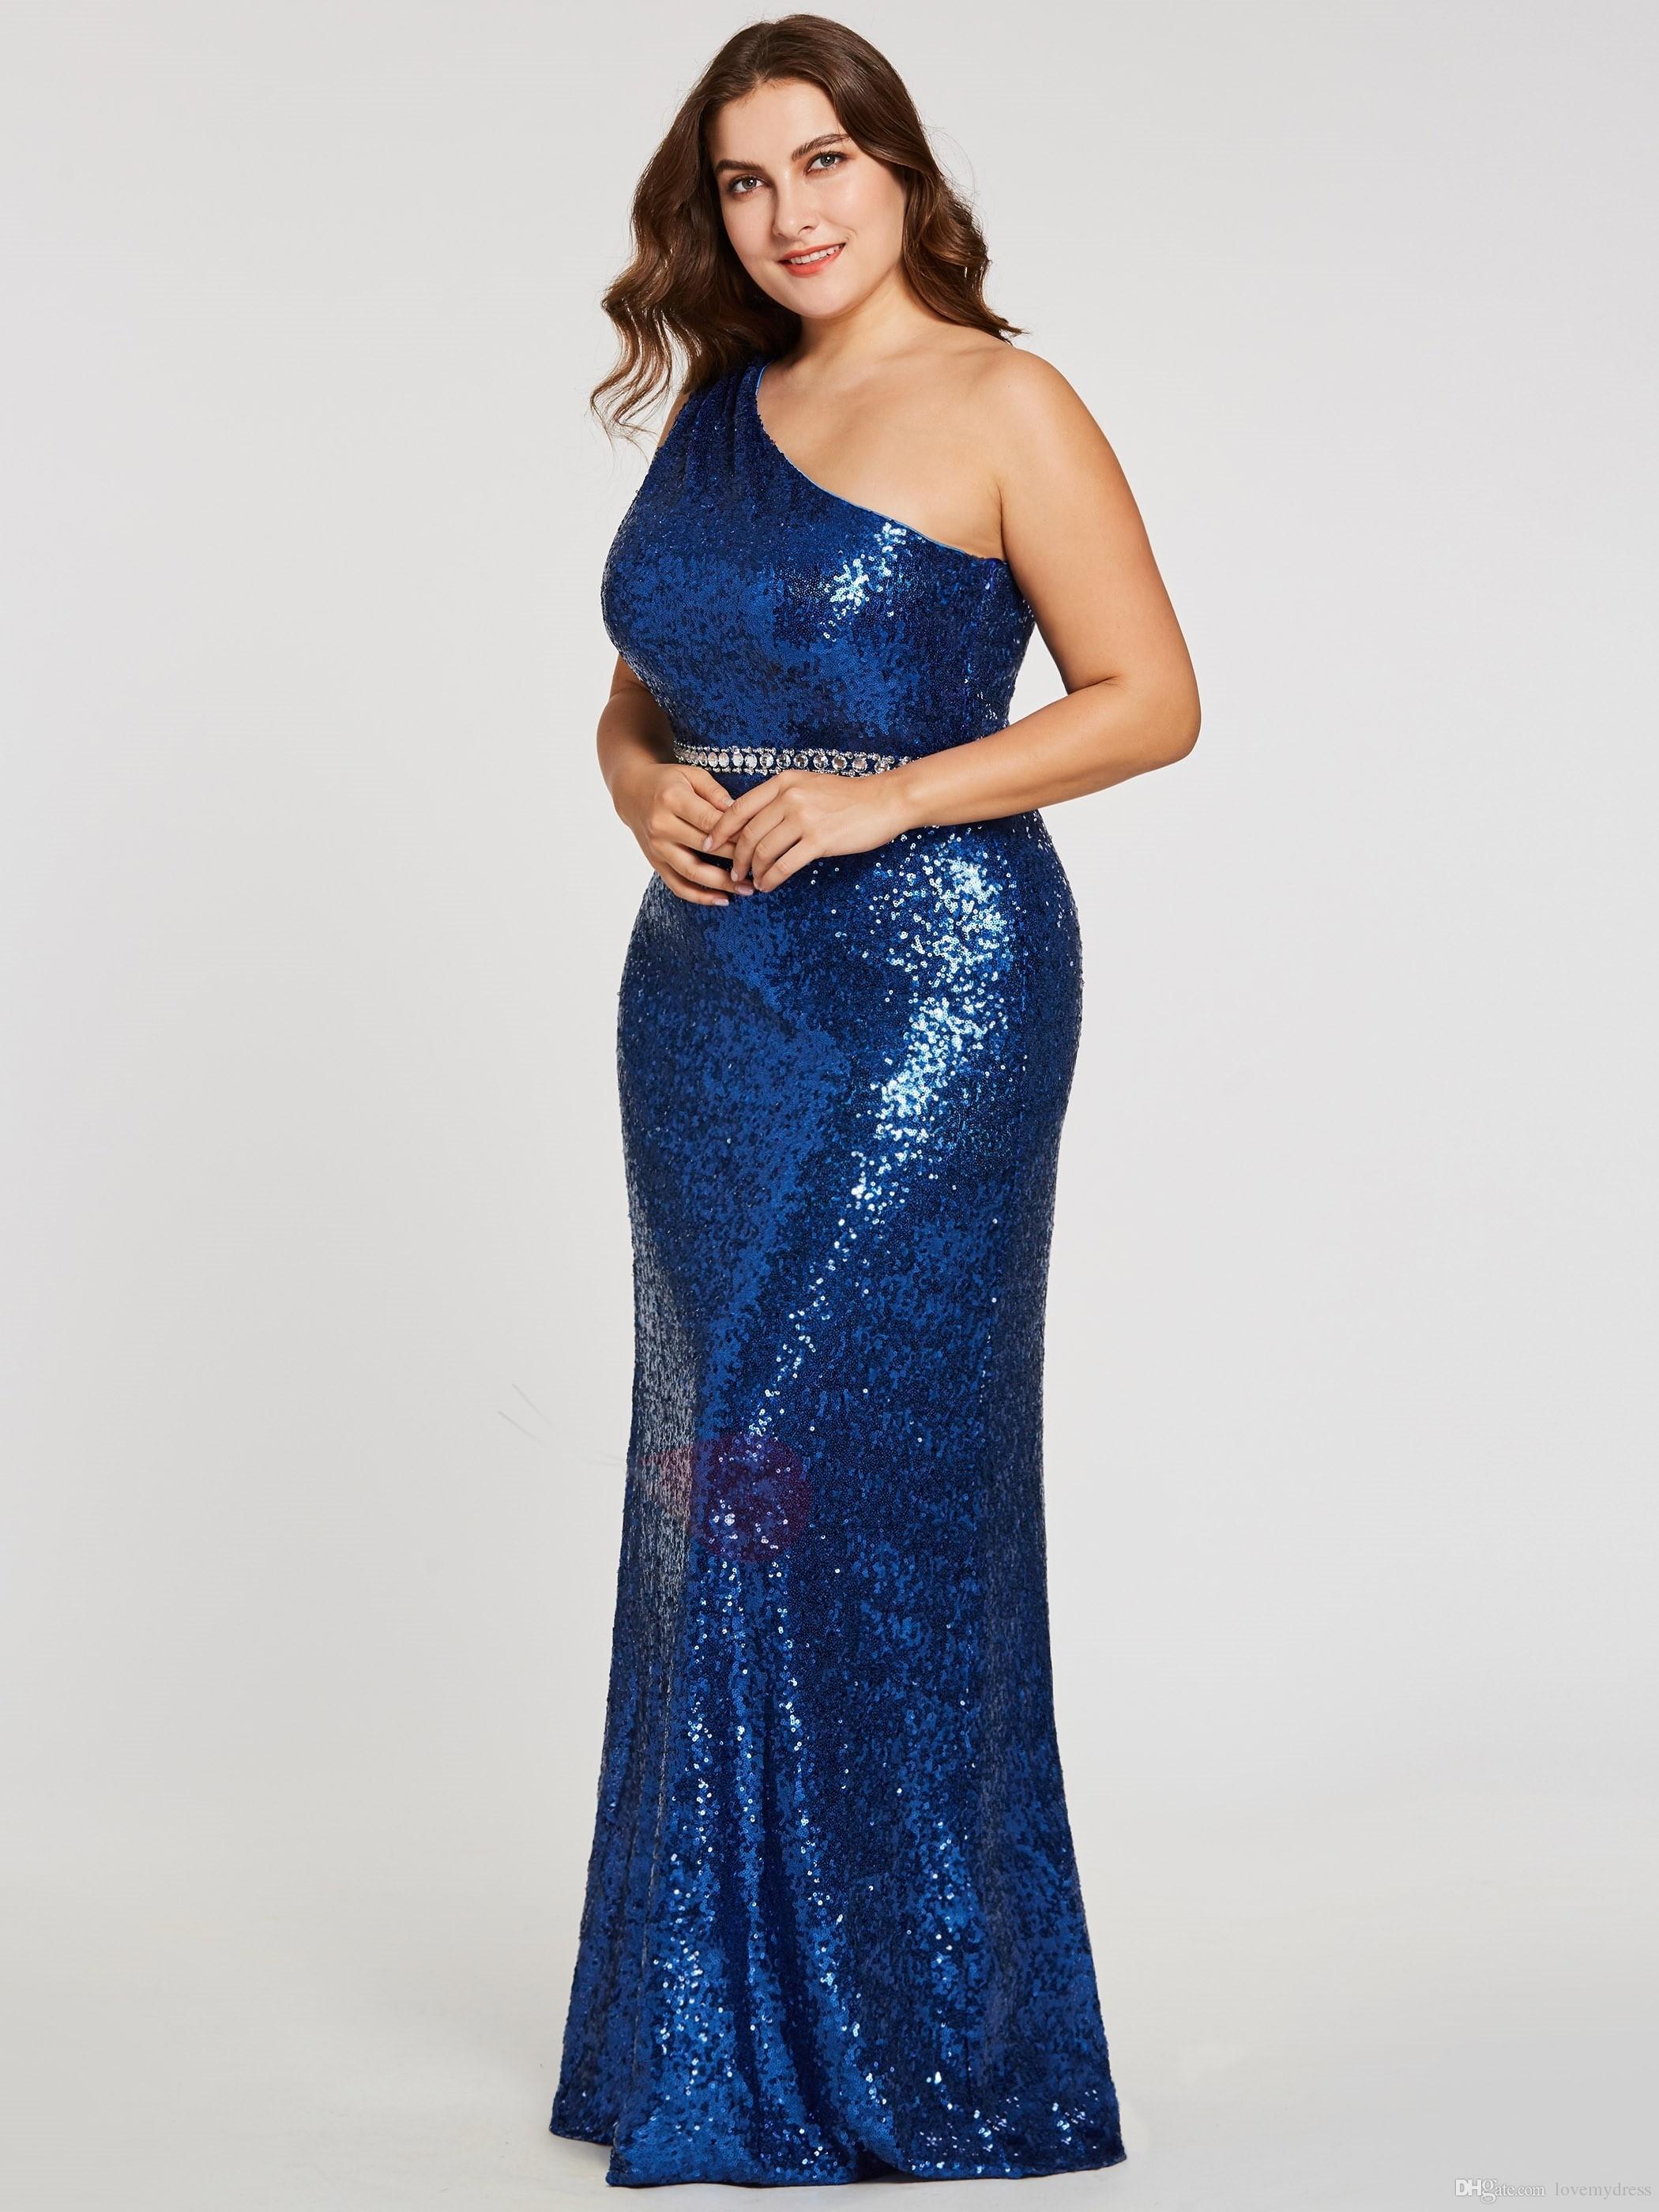 3653f81f3 Compre Royal Blue Prom Dress Vestido De Noche Para Mujer One Hombro  Lentejuelas Bling Fabric 2018 Vestido De Noche Crystal Floor Length Vestido  De Desfile A ...